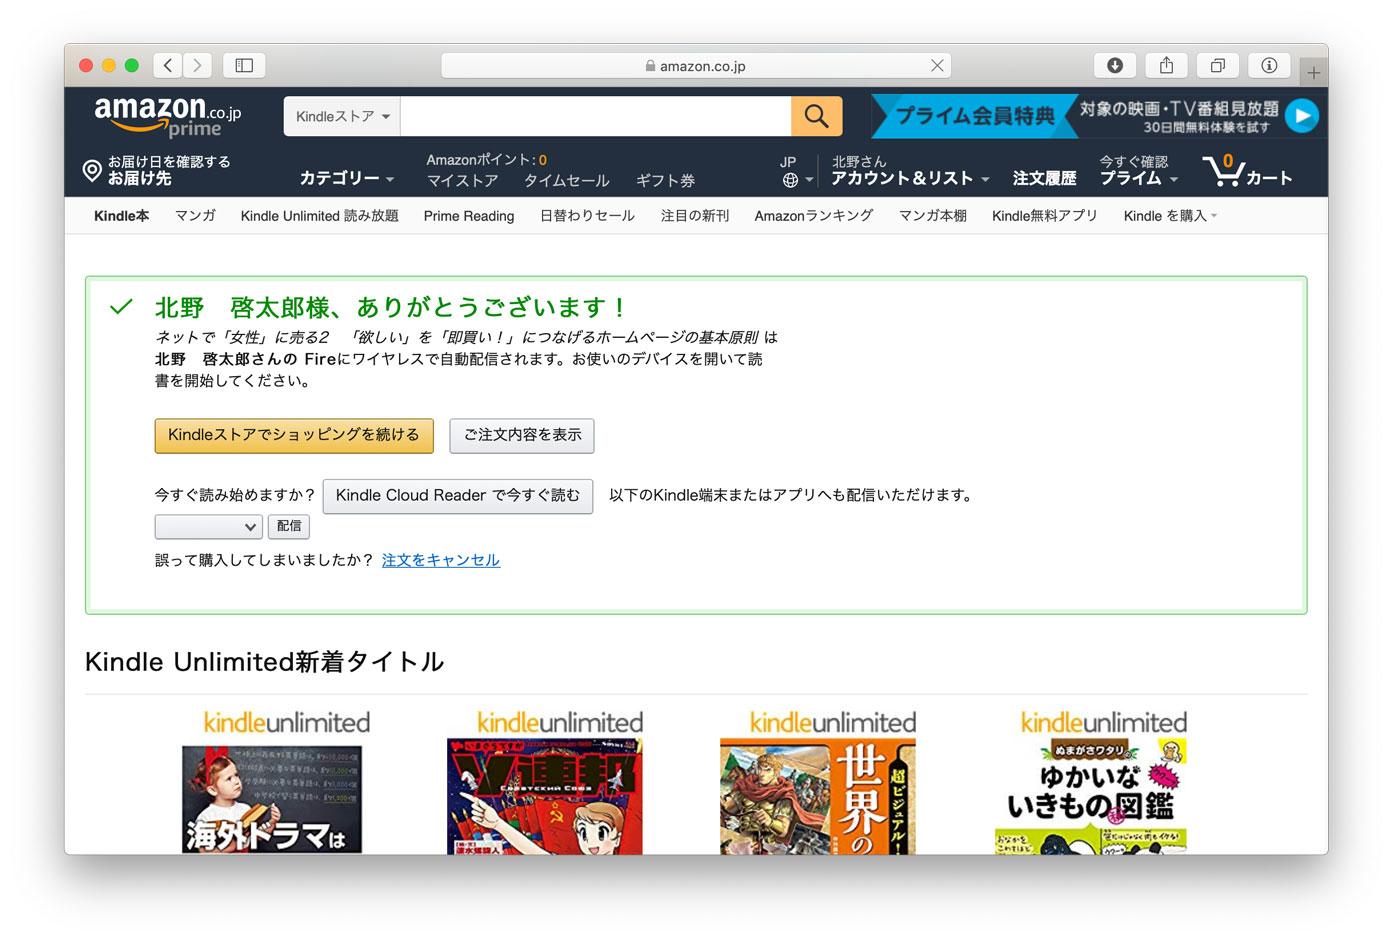 Amazon Kindle本 商品購入完了ページ